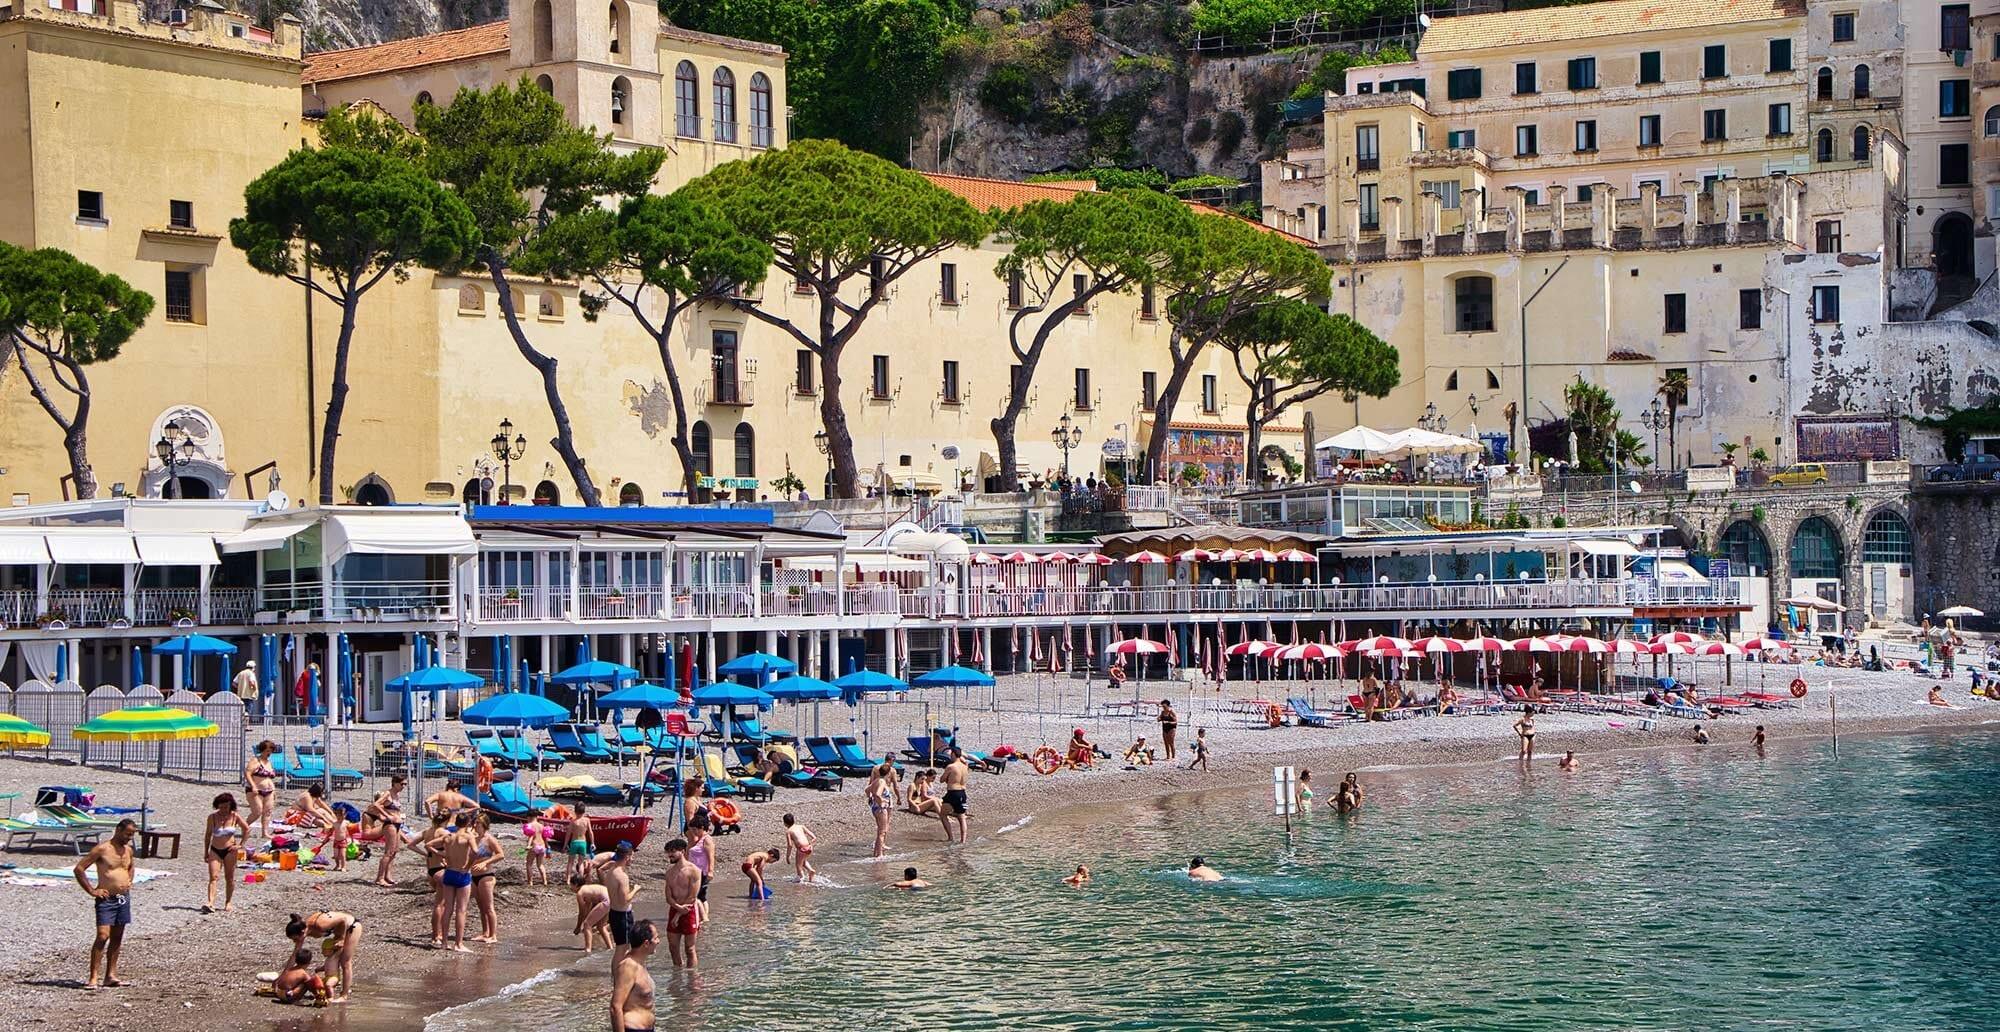 spiaggia-amalfi-gungio-2020.jpg